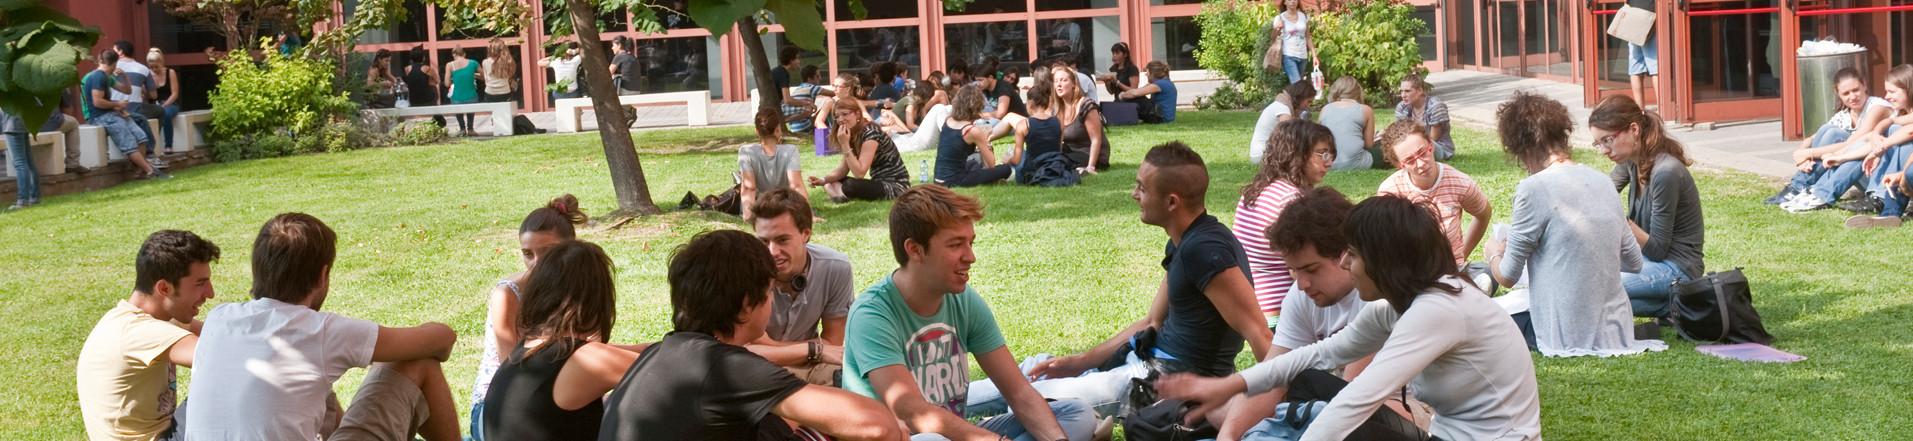 Studenti all'Università degli Studi di Milano - Bicocca